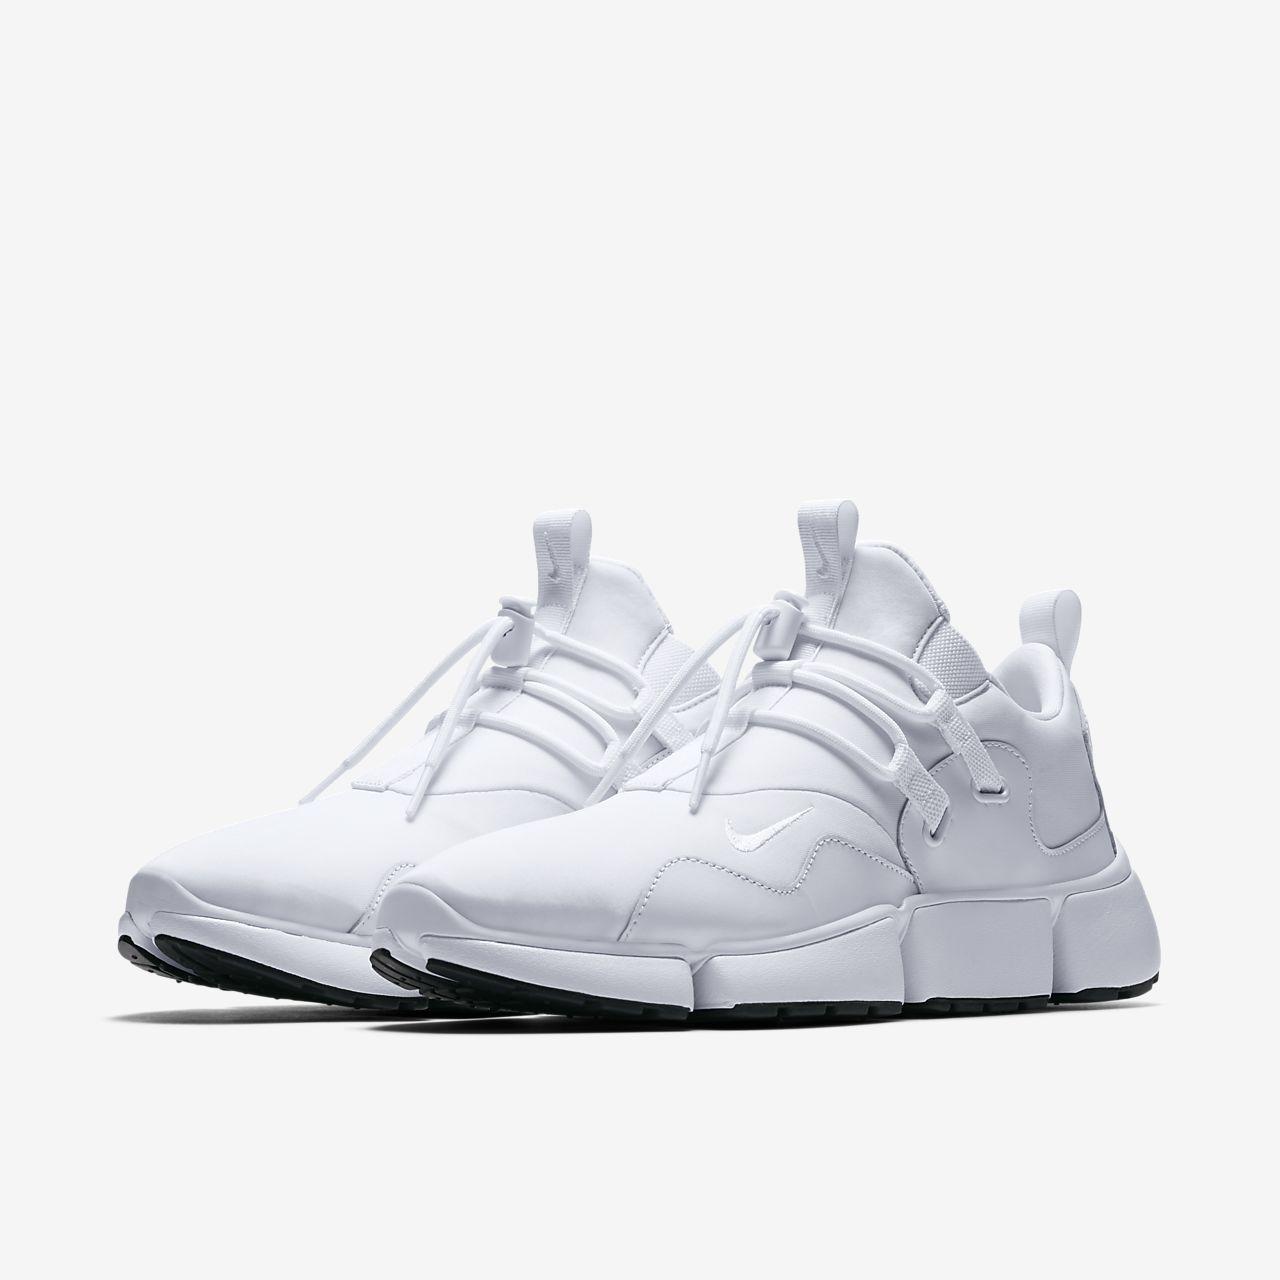 Nike Knife Shoe